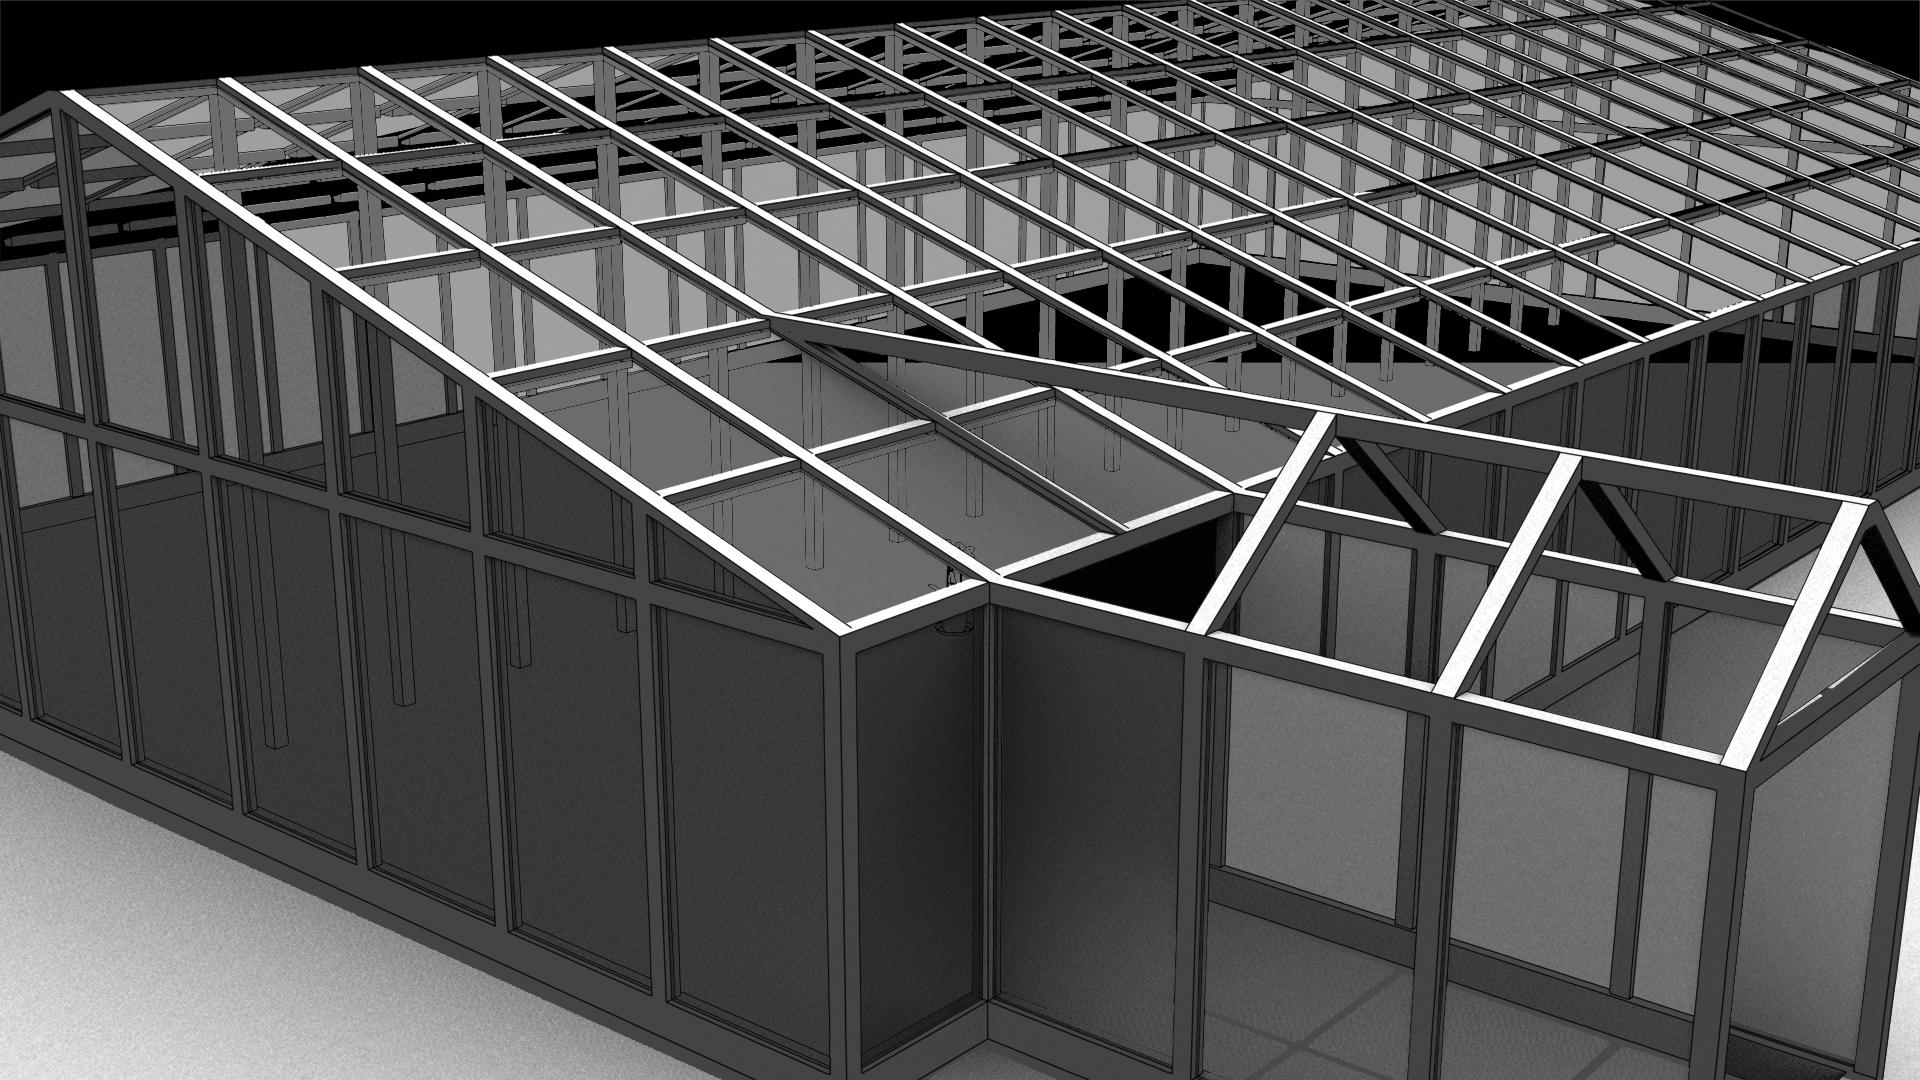 Greenhouse in toon 2 by felixj3130